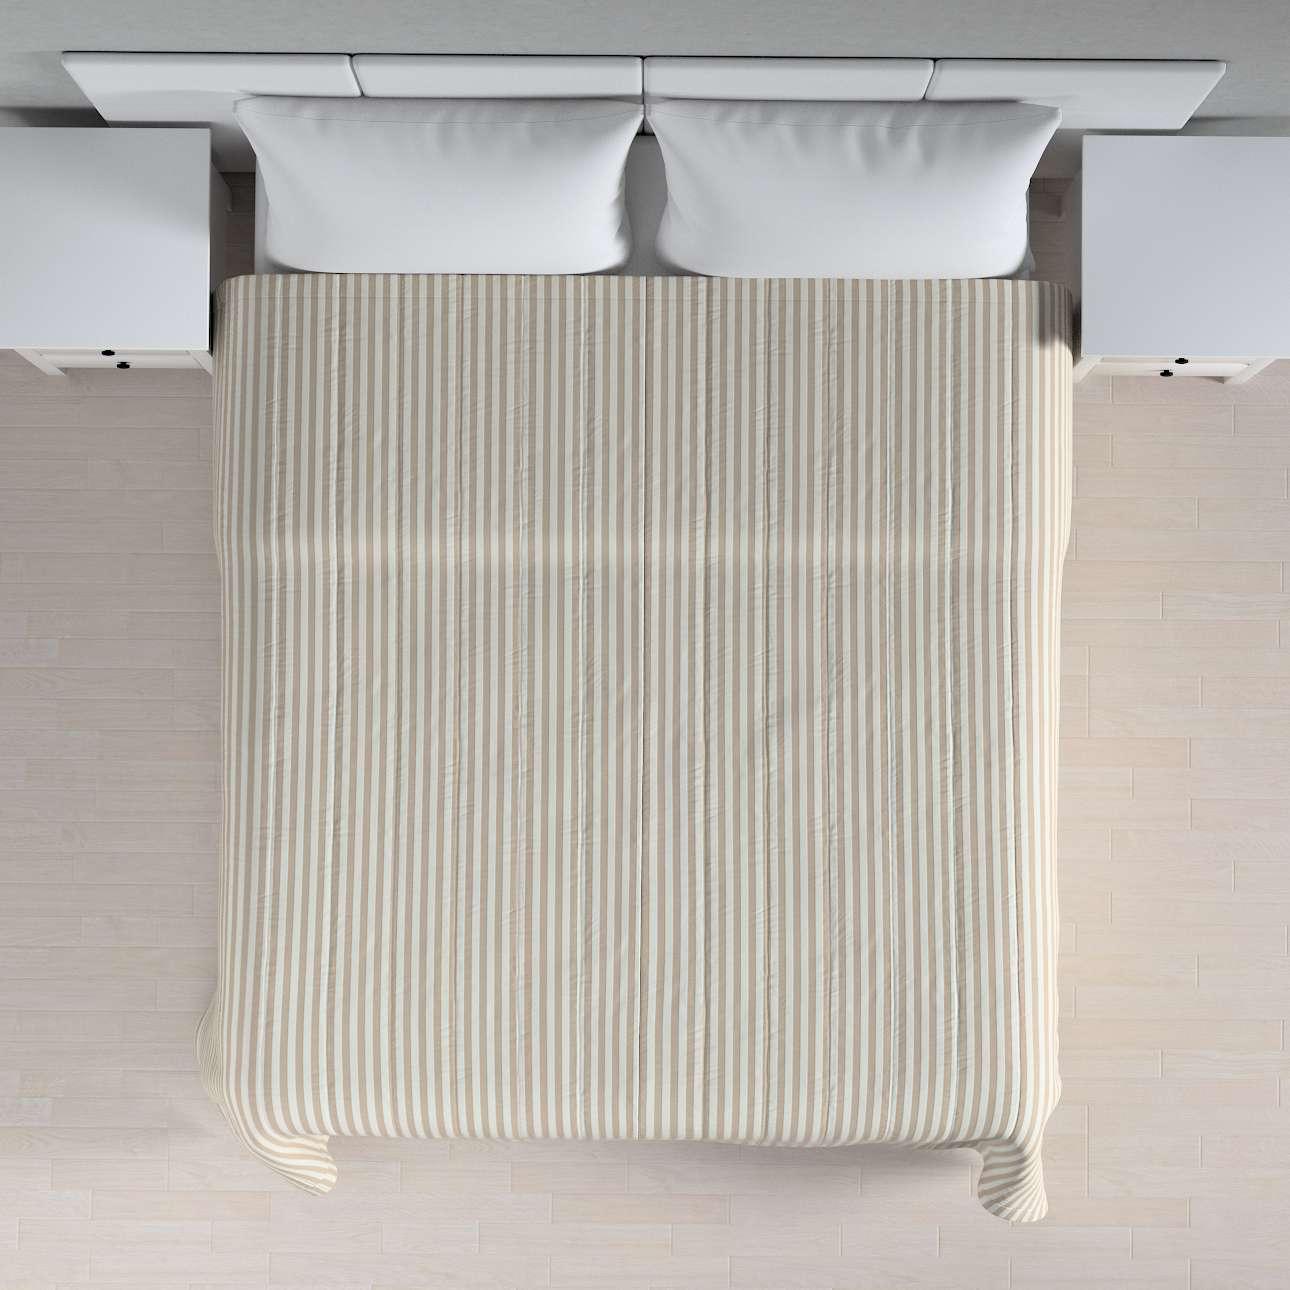 Einfacher Überwurf 260 x 210 cm von der Kollektion Quadro, Stoff: 136-07